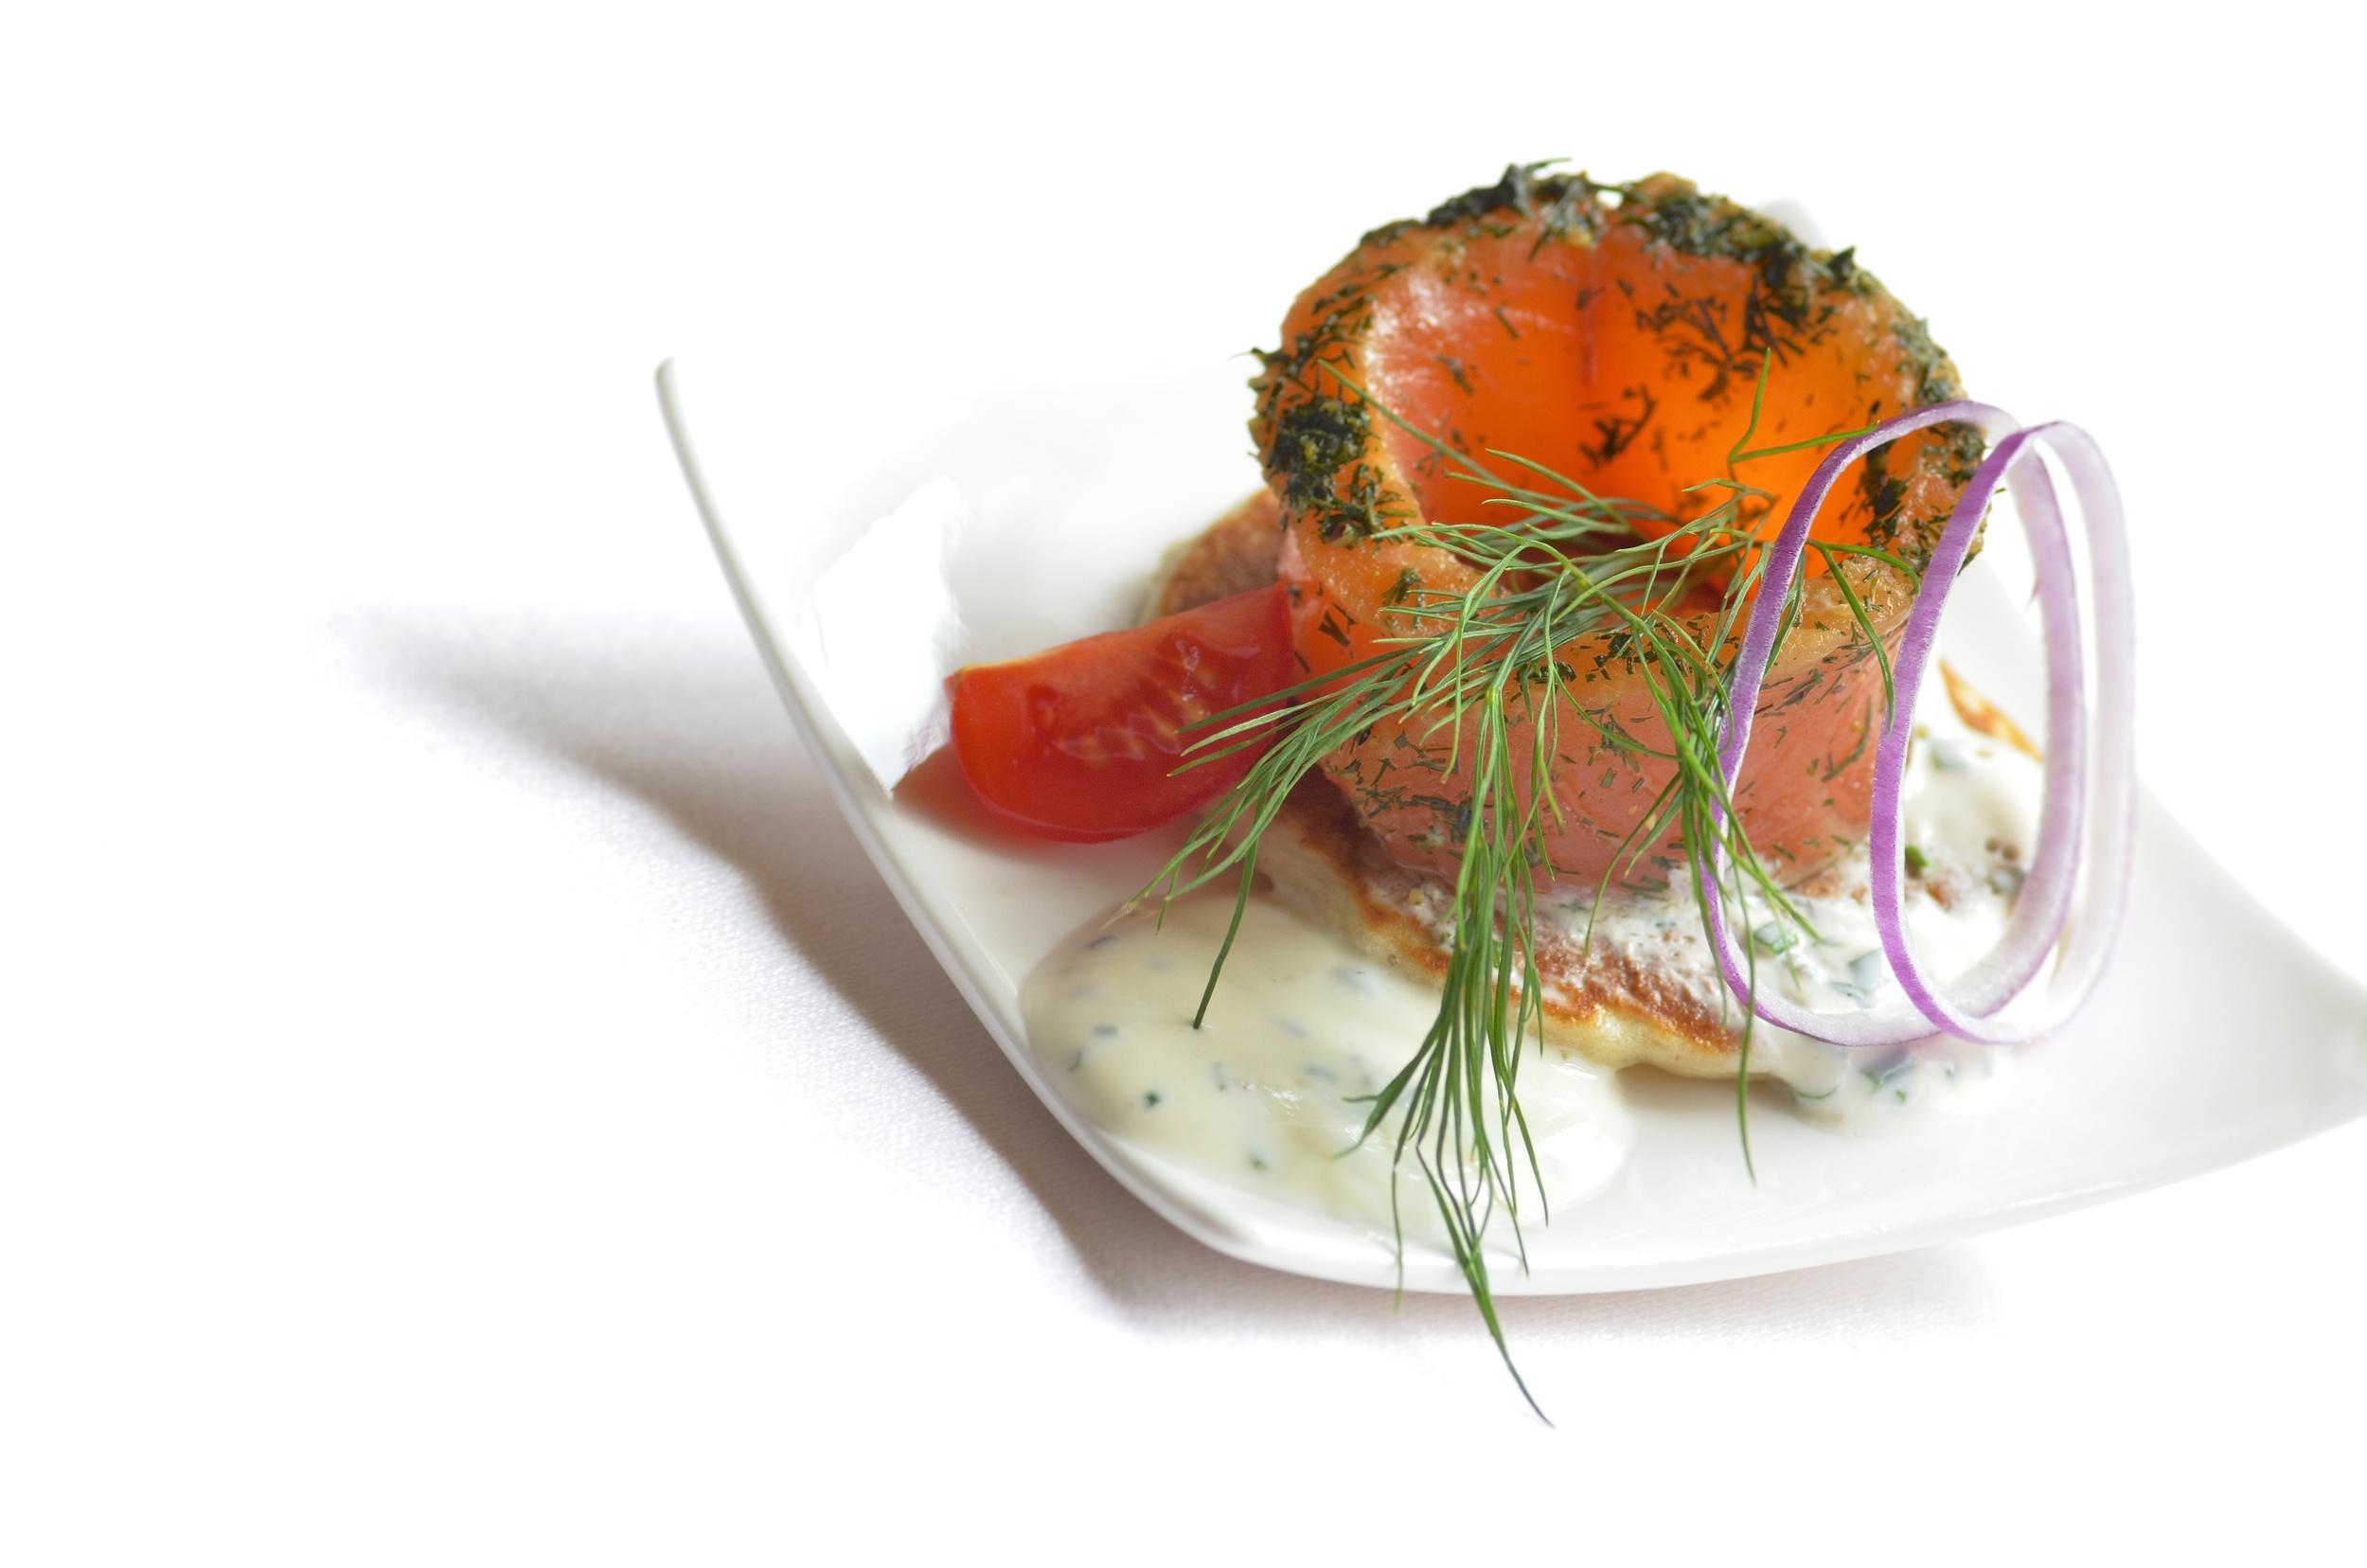 Food-Bild © Jean-Pierre Ritler / jprmedia.info